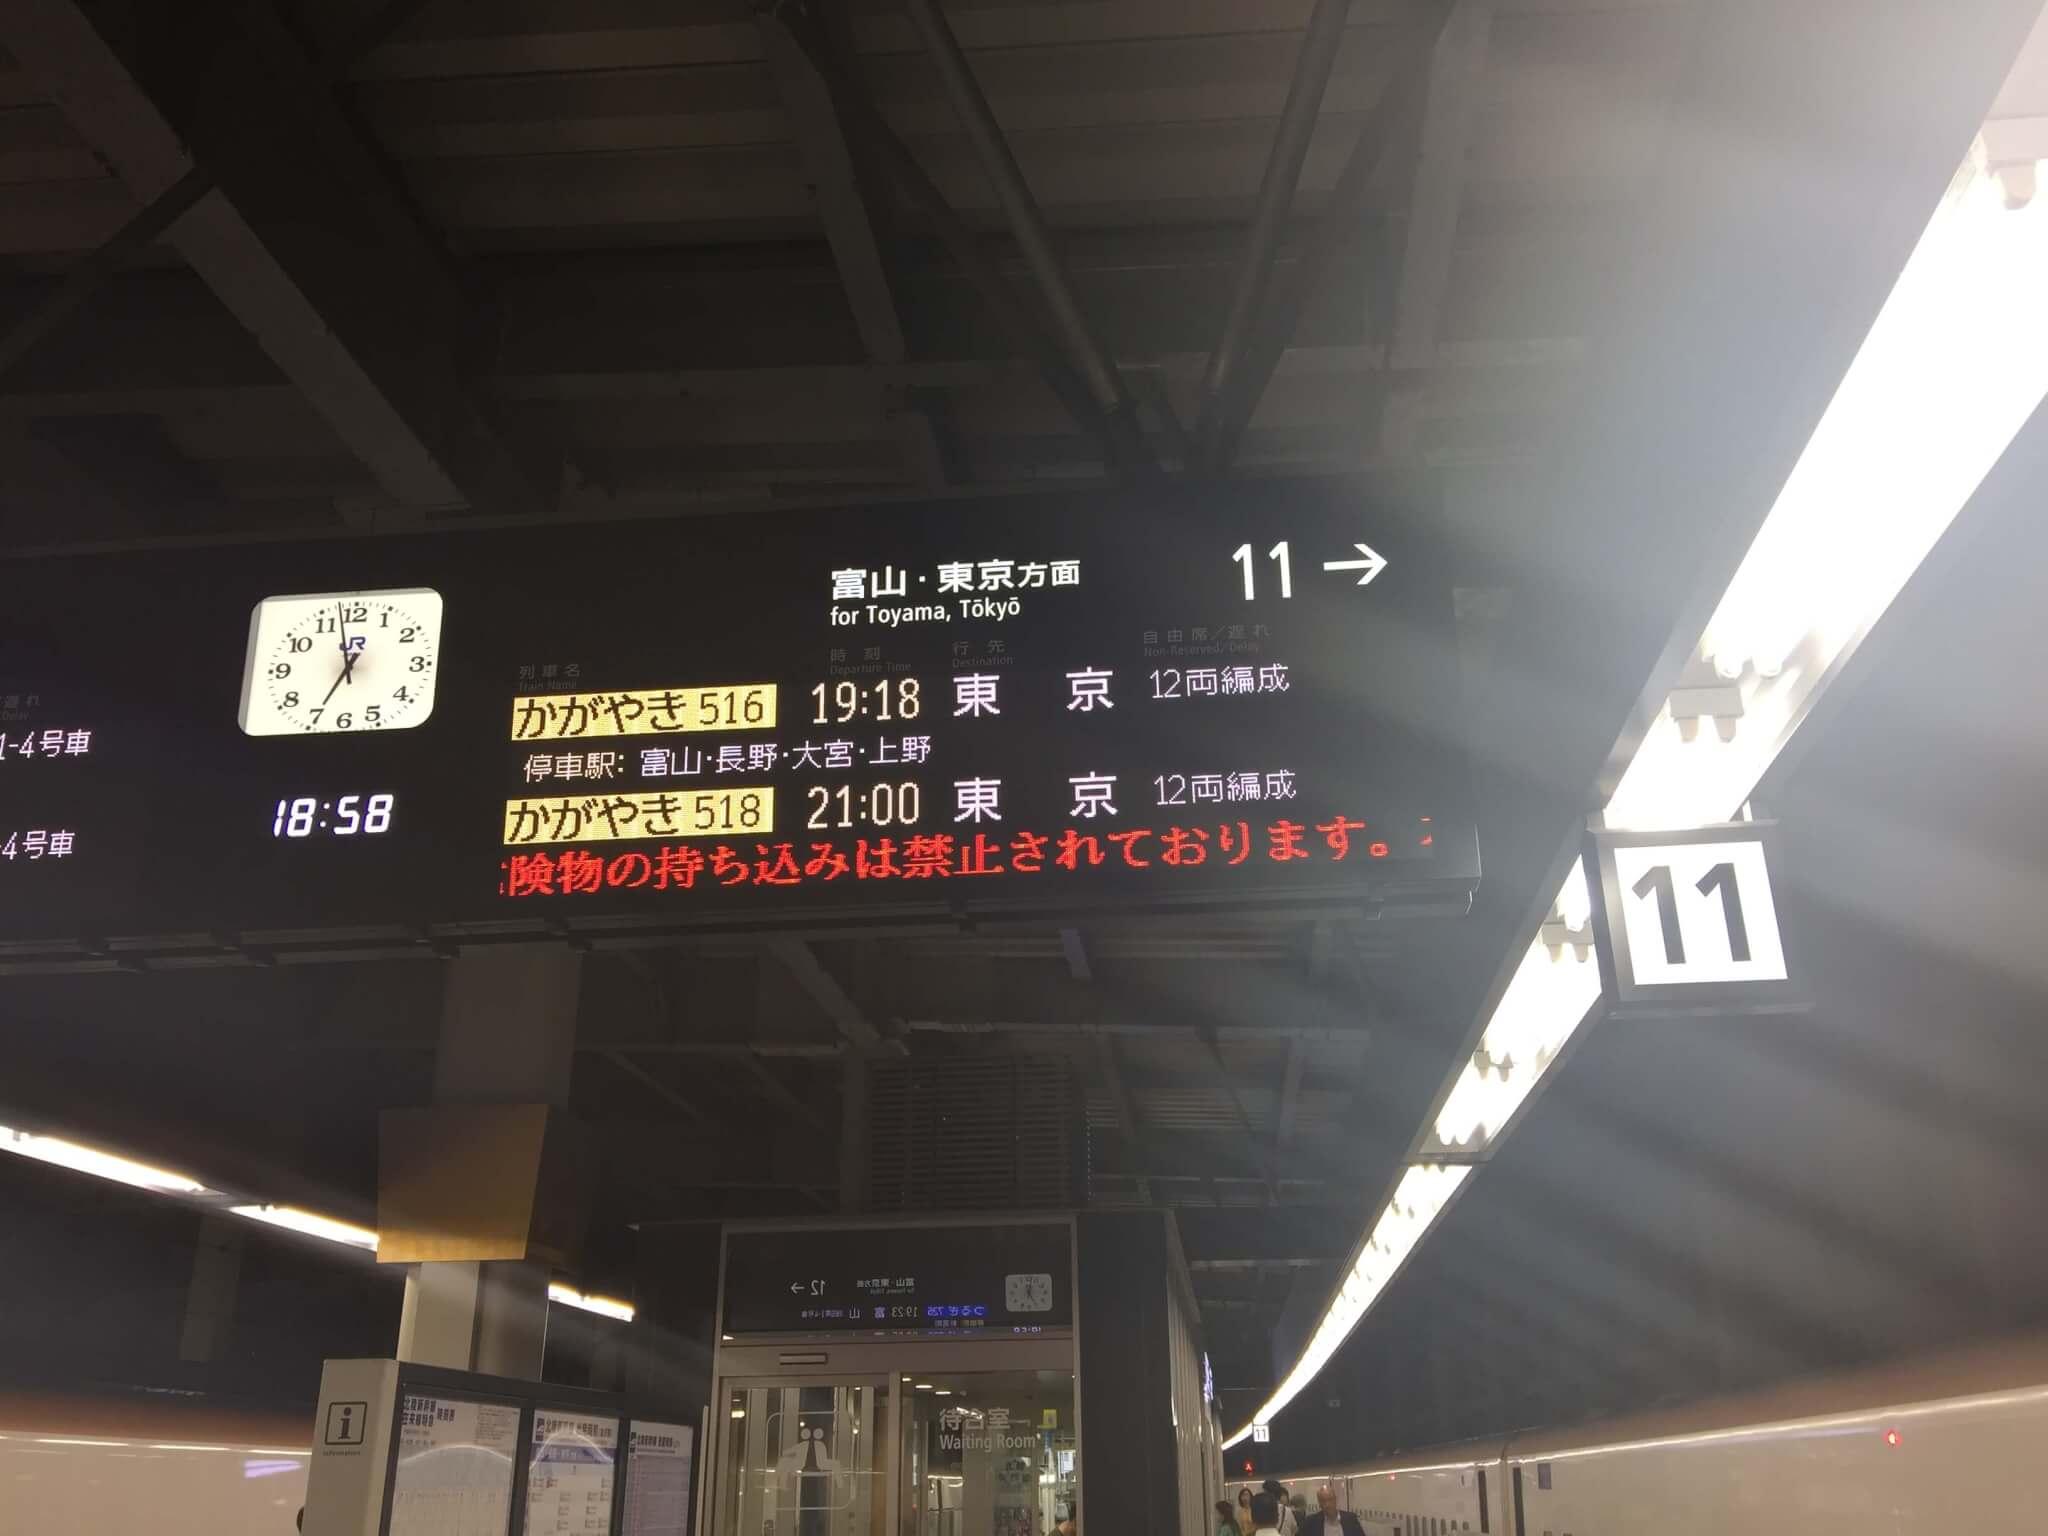 金沢駅北陸新幹線構内の時刻表